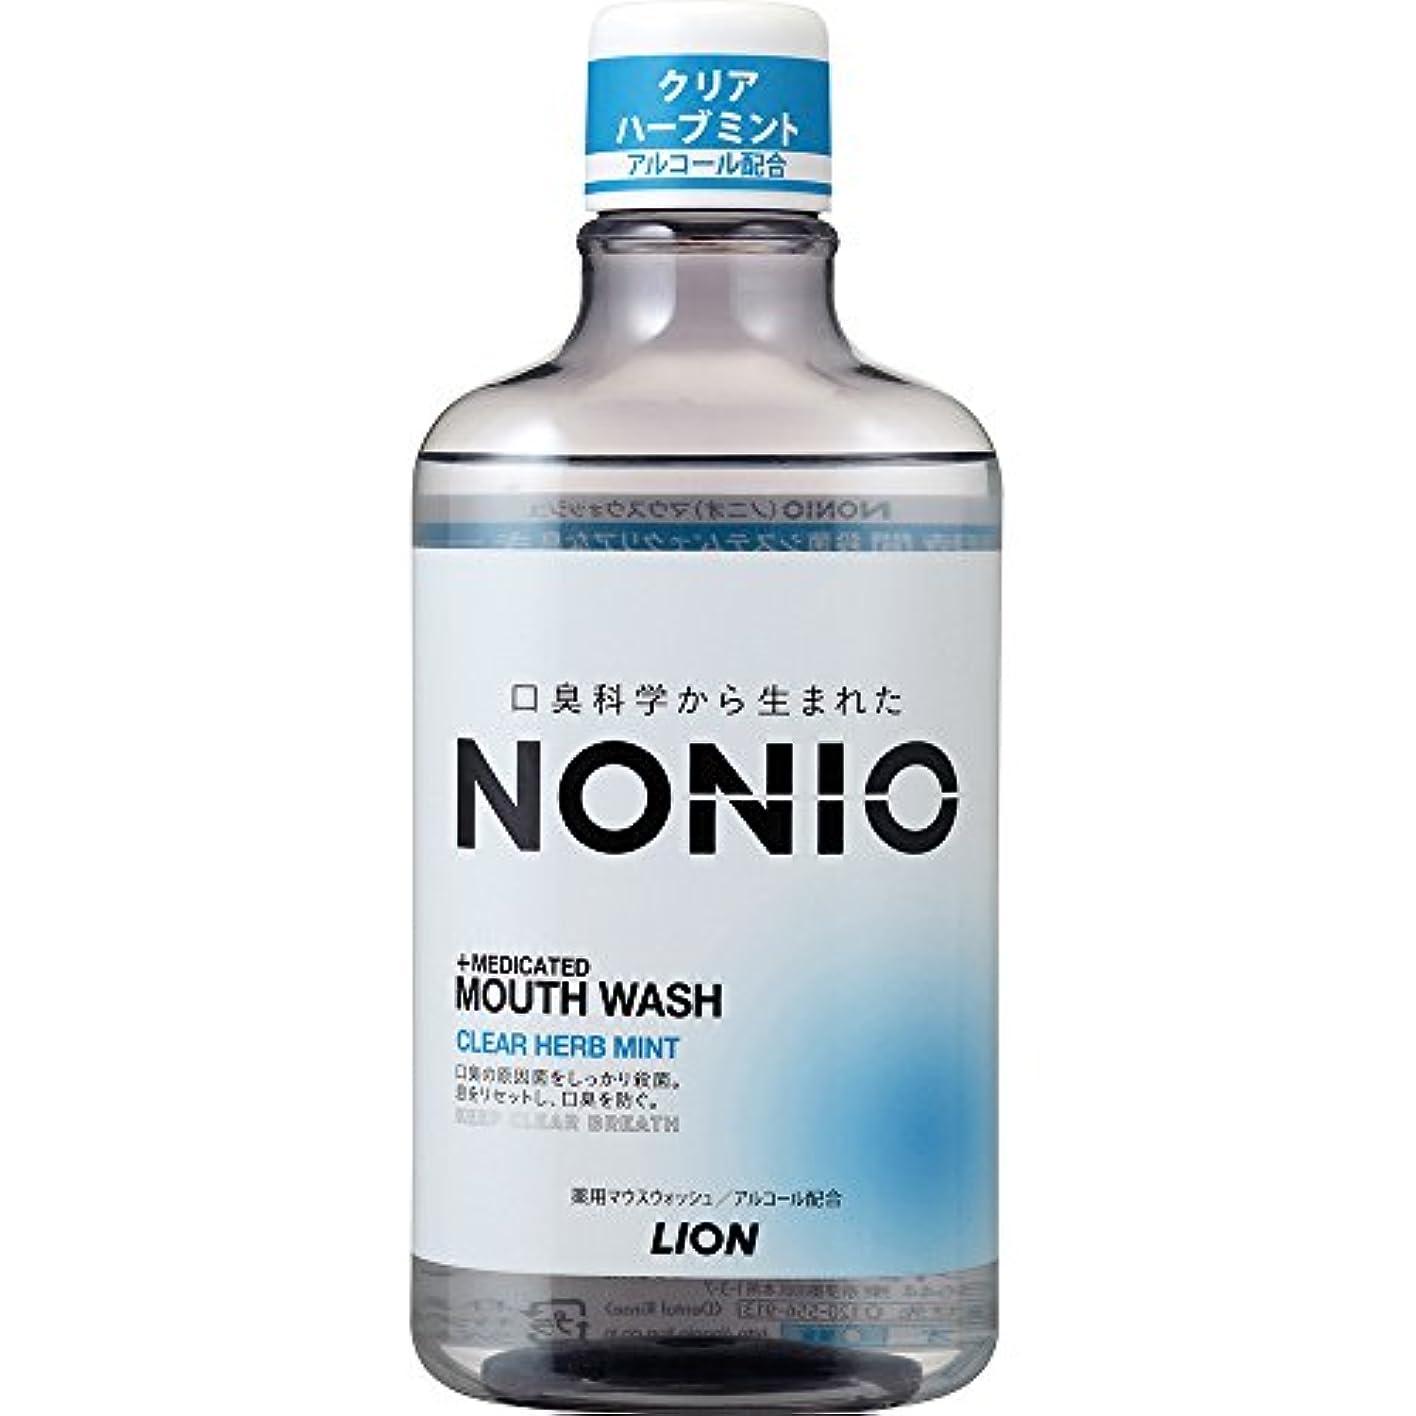 宅配便決めます統計的NONIO(ノニオ) [医薬部外品]NONIO マウスウォッシュ クリアハーブミント 洗口液 単品 600ml